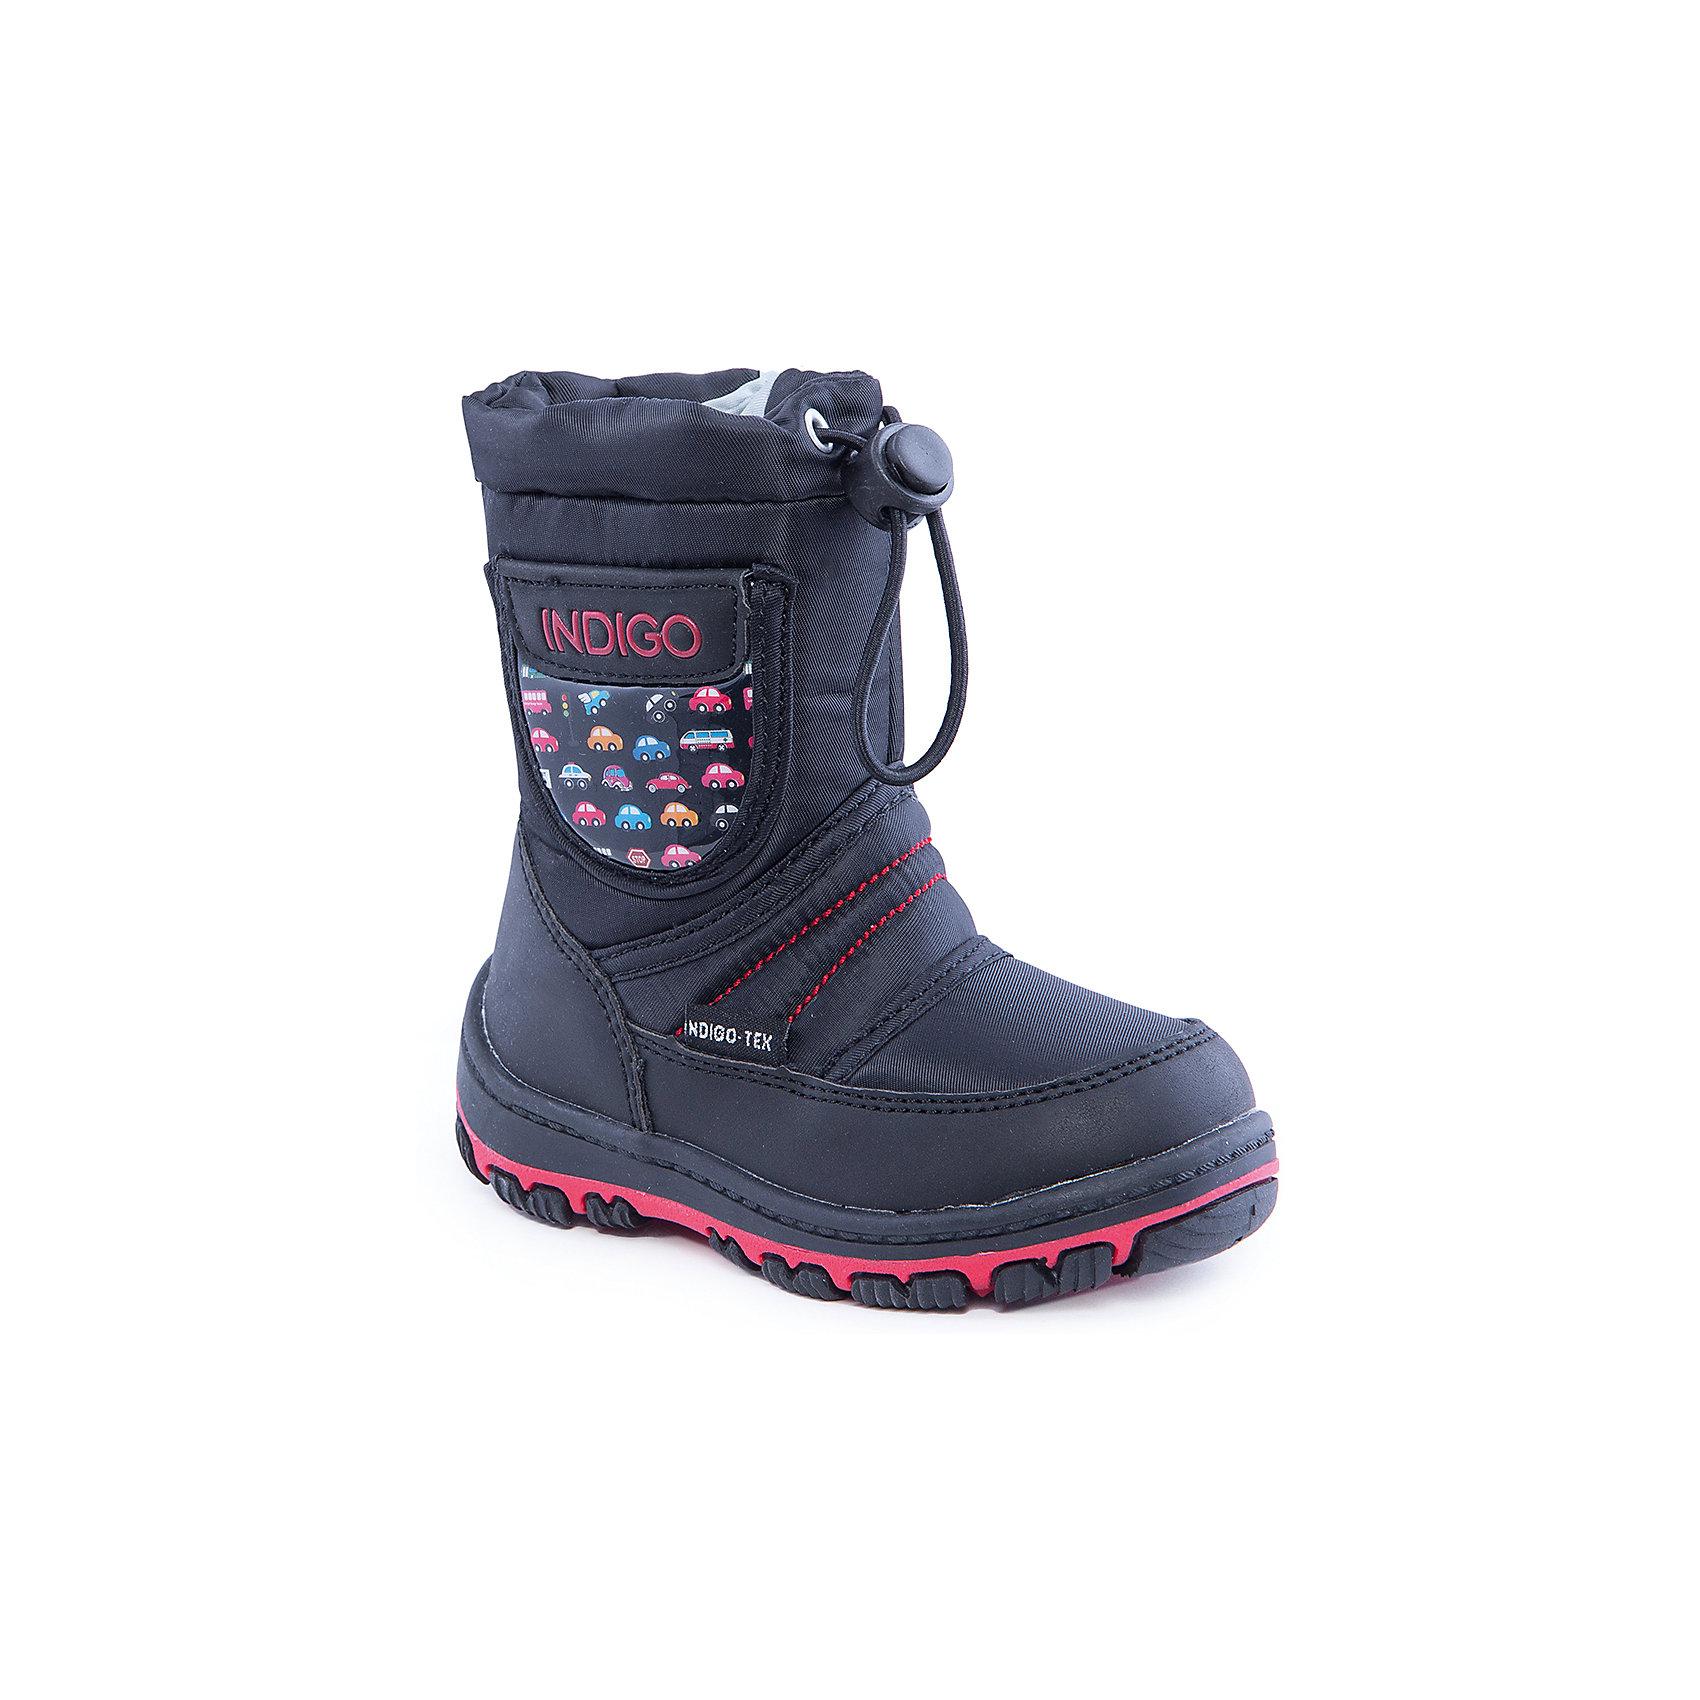 Сапоги для мальчика Indigo kidsОбувь для малышей<br>Сапоги для мальчика от известного  бренда Indigo kids<br><br>Стильные утепленные сапоги помогут защитить детские ножки от сырости и холода.  Они легко надеваются, комфортно садятся по ноге. <br>Сапоги сделаны с применением технологии INDIGO TEX – это мембранный материал, выводящий влагу из обуви наружу, но не позволяющий сырости проникать внутрь.<br><br>Особенности модели:<br><br>- цвет - черный;<br>- стильный дизайн;<br>- защита пятки и пальцев;<br>- удобная колодка;<br>- подкладка шерстяная;<br>- вставка с автомобильным принтом;<br>- наверху голенища - утяжка со стоппером;<br>- мембрана INDIGO TEX;<br>- устойчивая рифленая подошва;<br>- застежка - молния.<br><br>Дополнительная информация:<br><br>Температурный режим:<br>от -10° С до +5° С<br><br>Состав:<br><br>верх – текстиль/искусственная кожа;<br>подкладка - шерсть;<br>подошва - полимер.<br><br>Сапоги для мальчика Indigo kids (Индиго Кидс) можно купить в нашем магазине.<br><br>Ширина мм: 257<br>Глубина мм: 180<br>Высота мм: 130<br>Вес г: 420<br>Цвет: черный<br>Возраст от месяцев: 15<br>Возраст до месяцев: 18<br>Пол: Мужской<br>Возраст: Детский<br>Размер: 22,27,23,24,26,25<br>SKU: 4340510